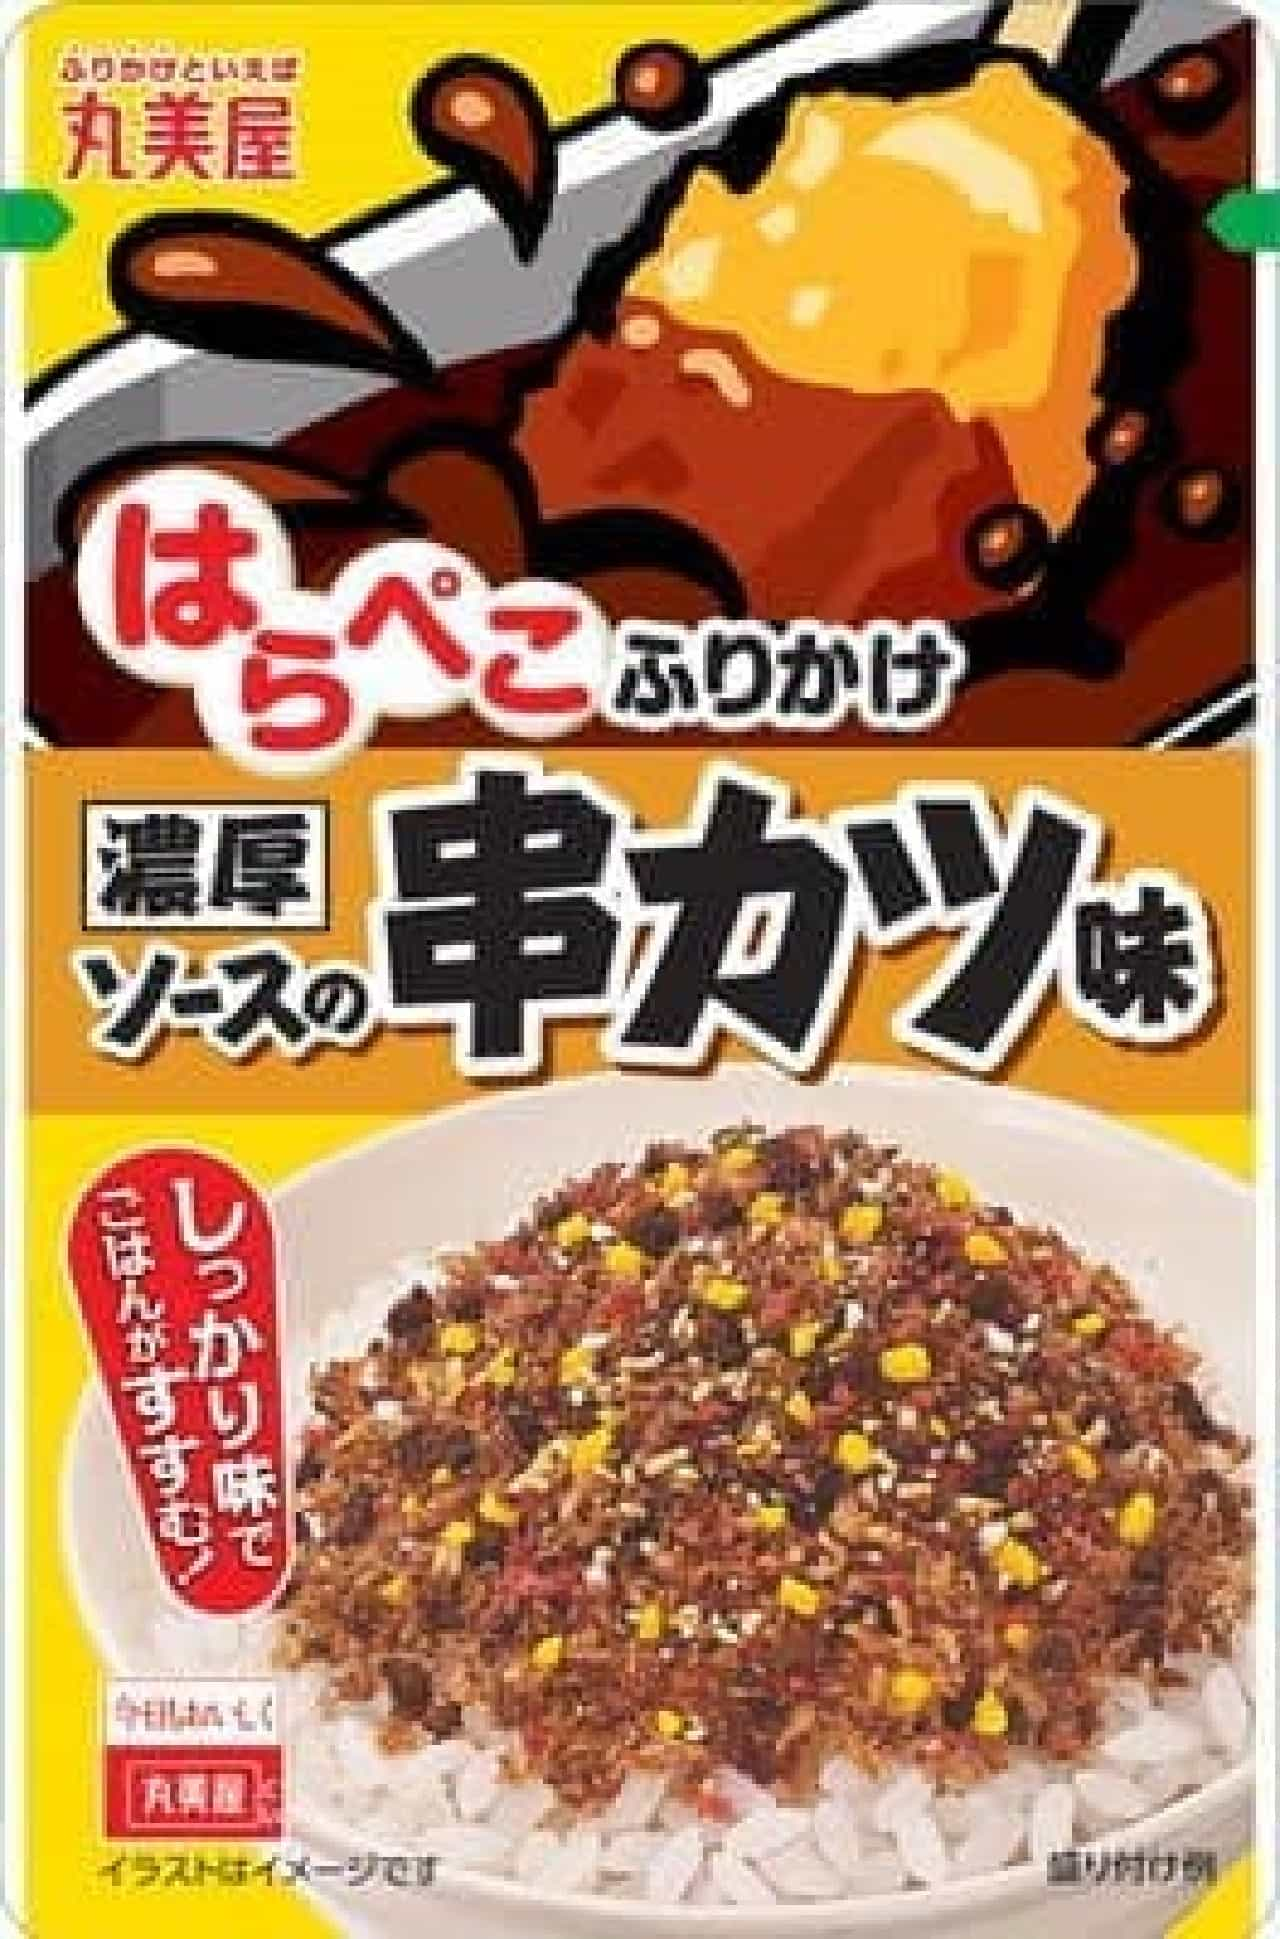 サクサク食感の「串カツ味」